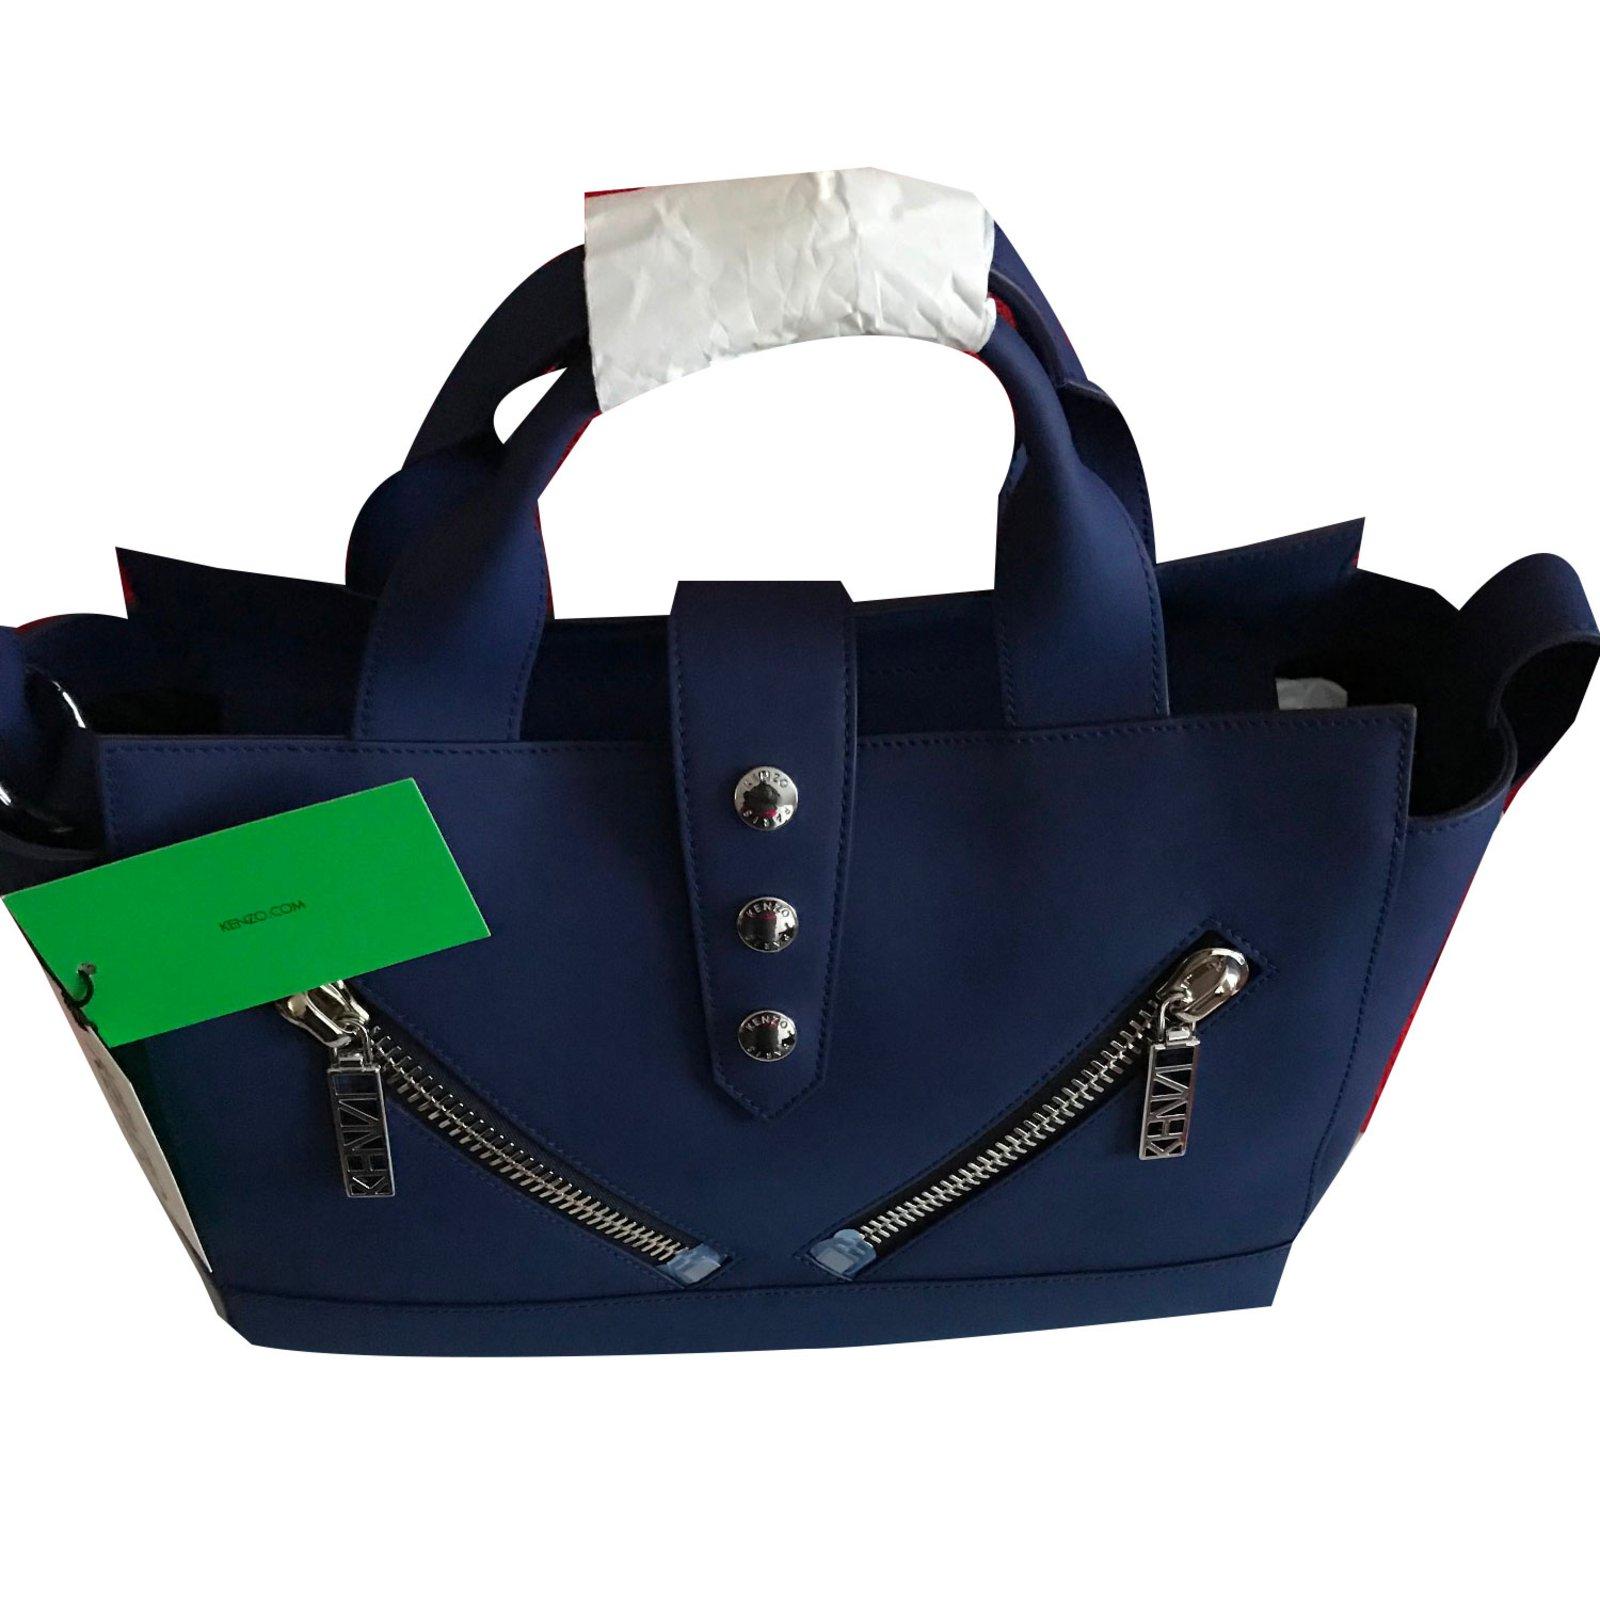 97dfd15b Kenzo KENZO Kalifornia Medium Tote Bag - Blue Marine Handbags Leather Blue  ref.57952